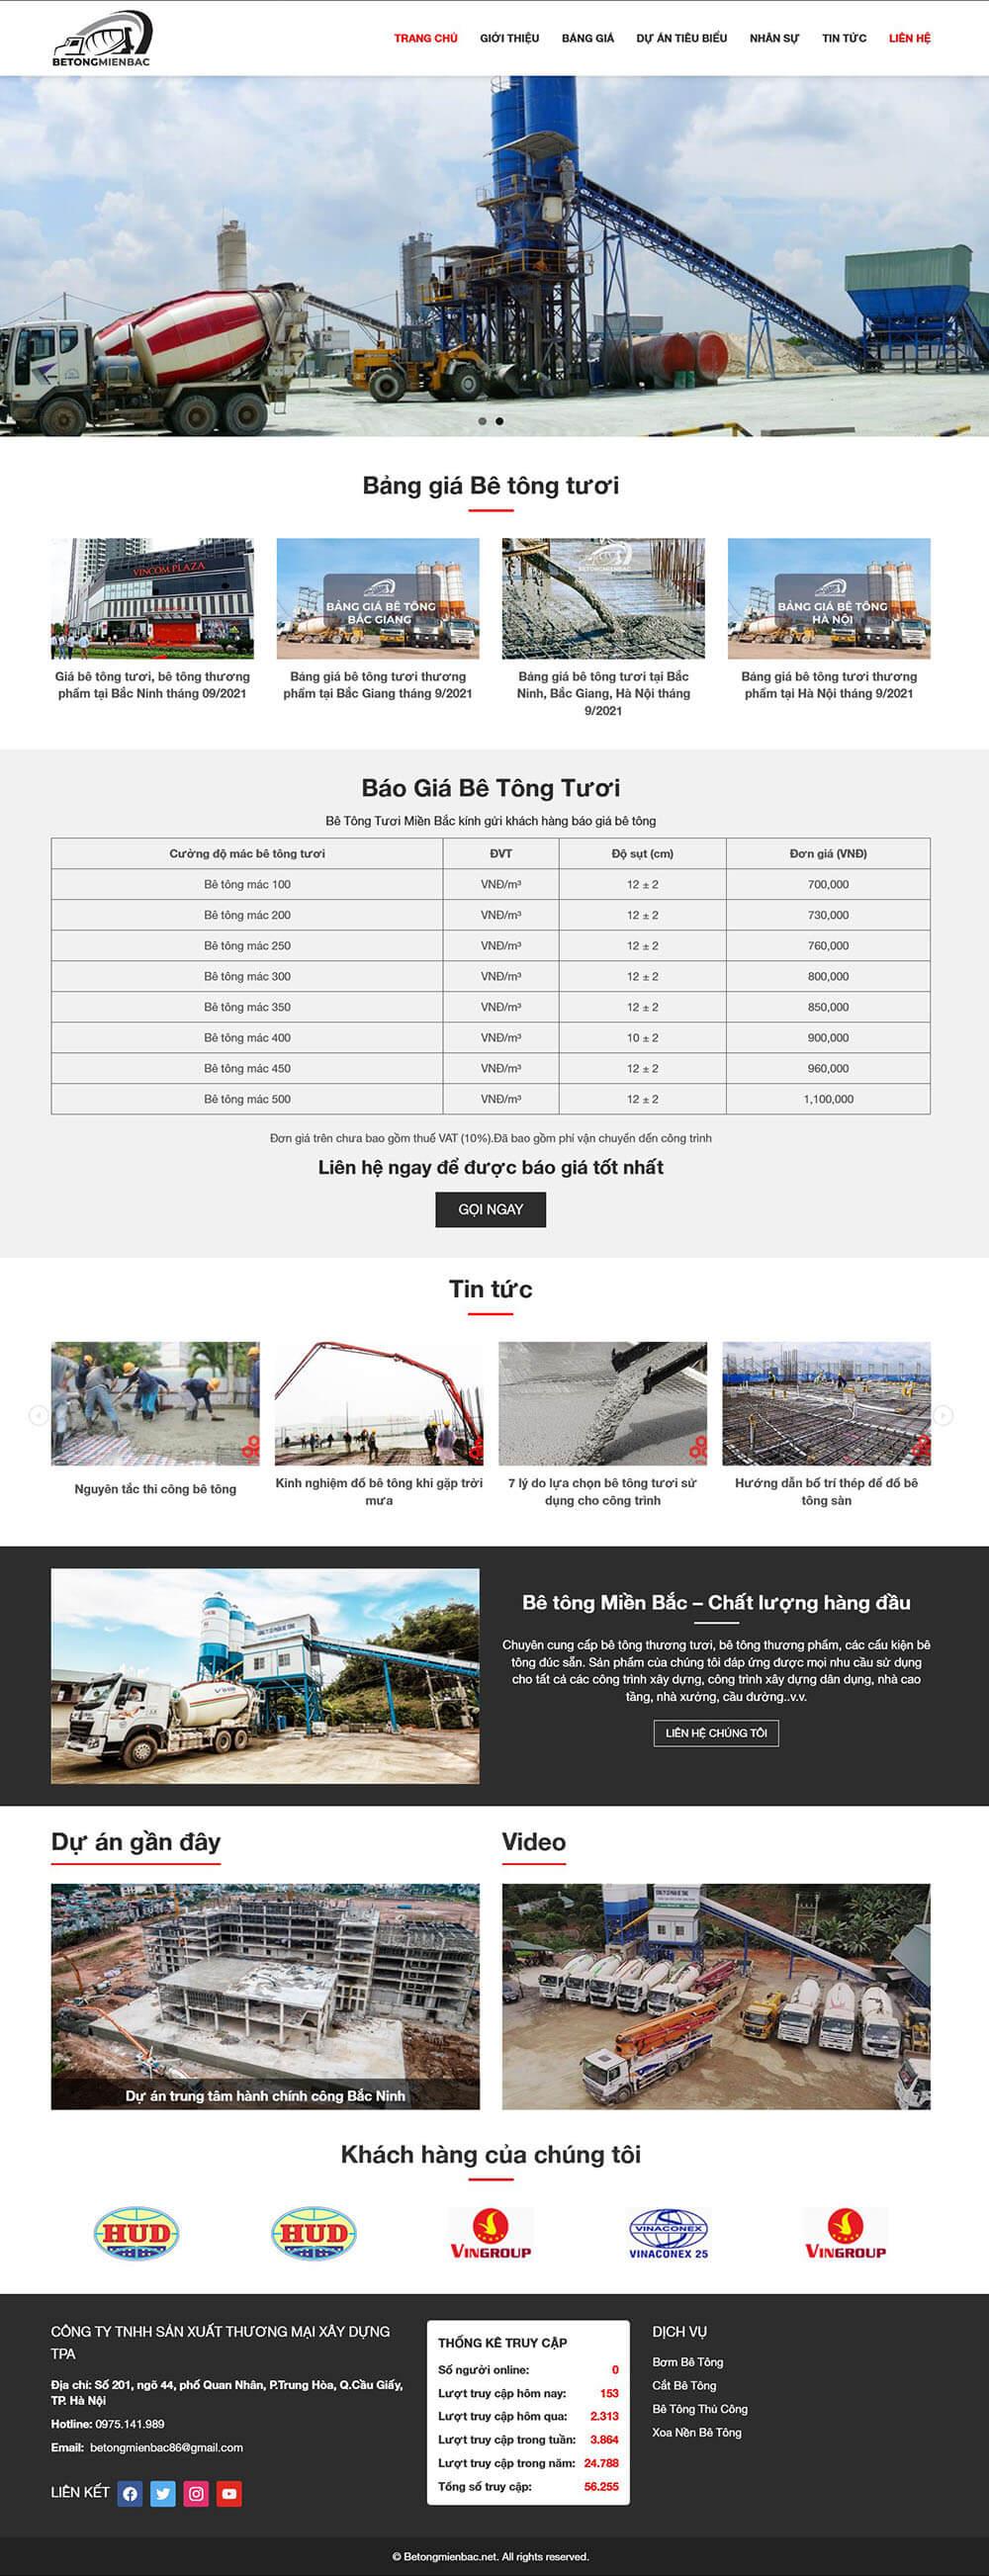 Thiết kế website doanh nghiệp bê tông MB